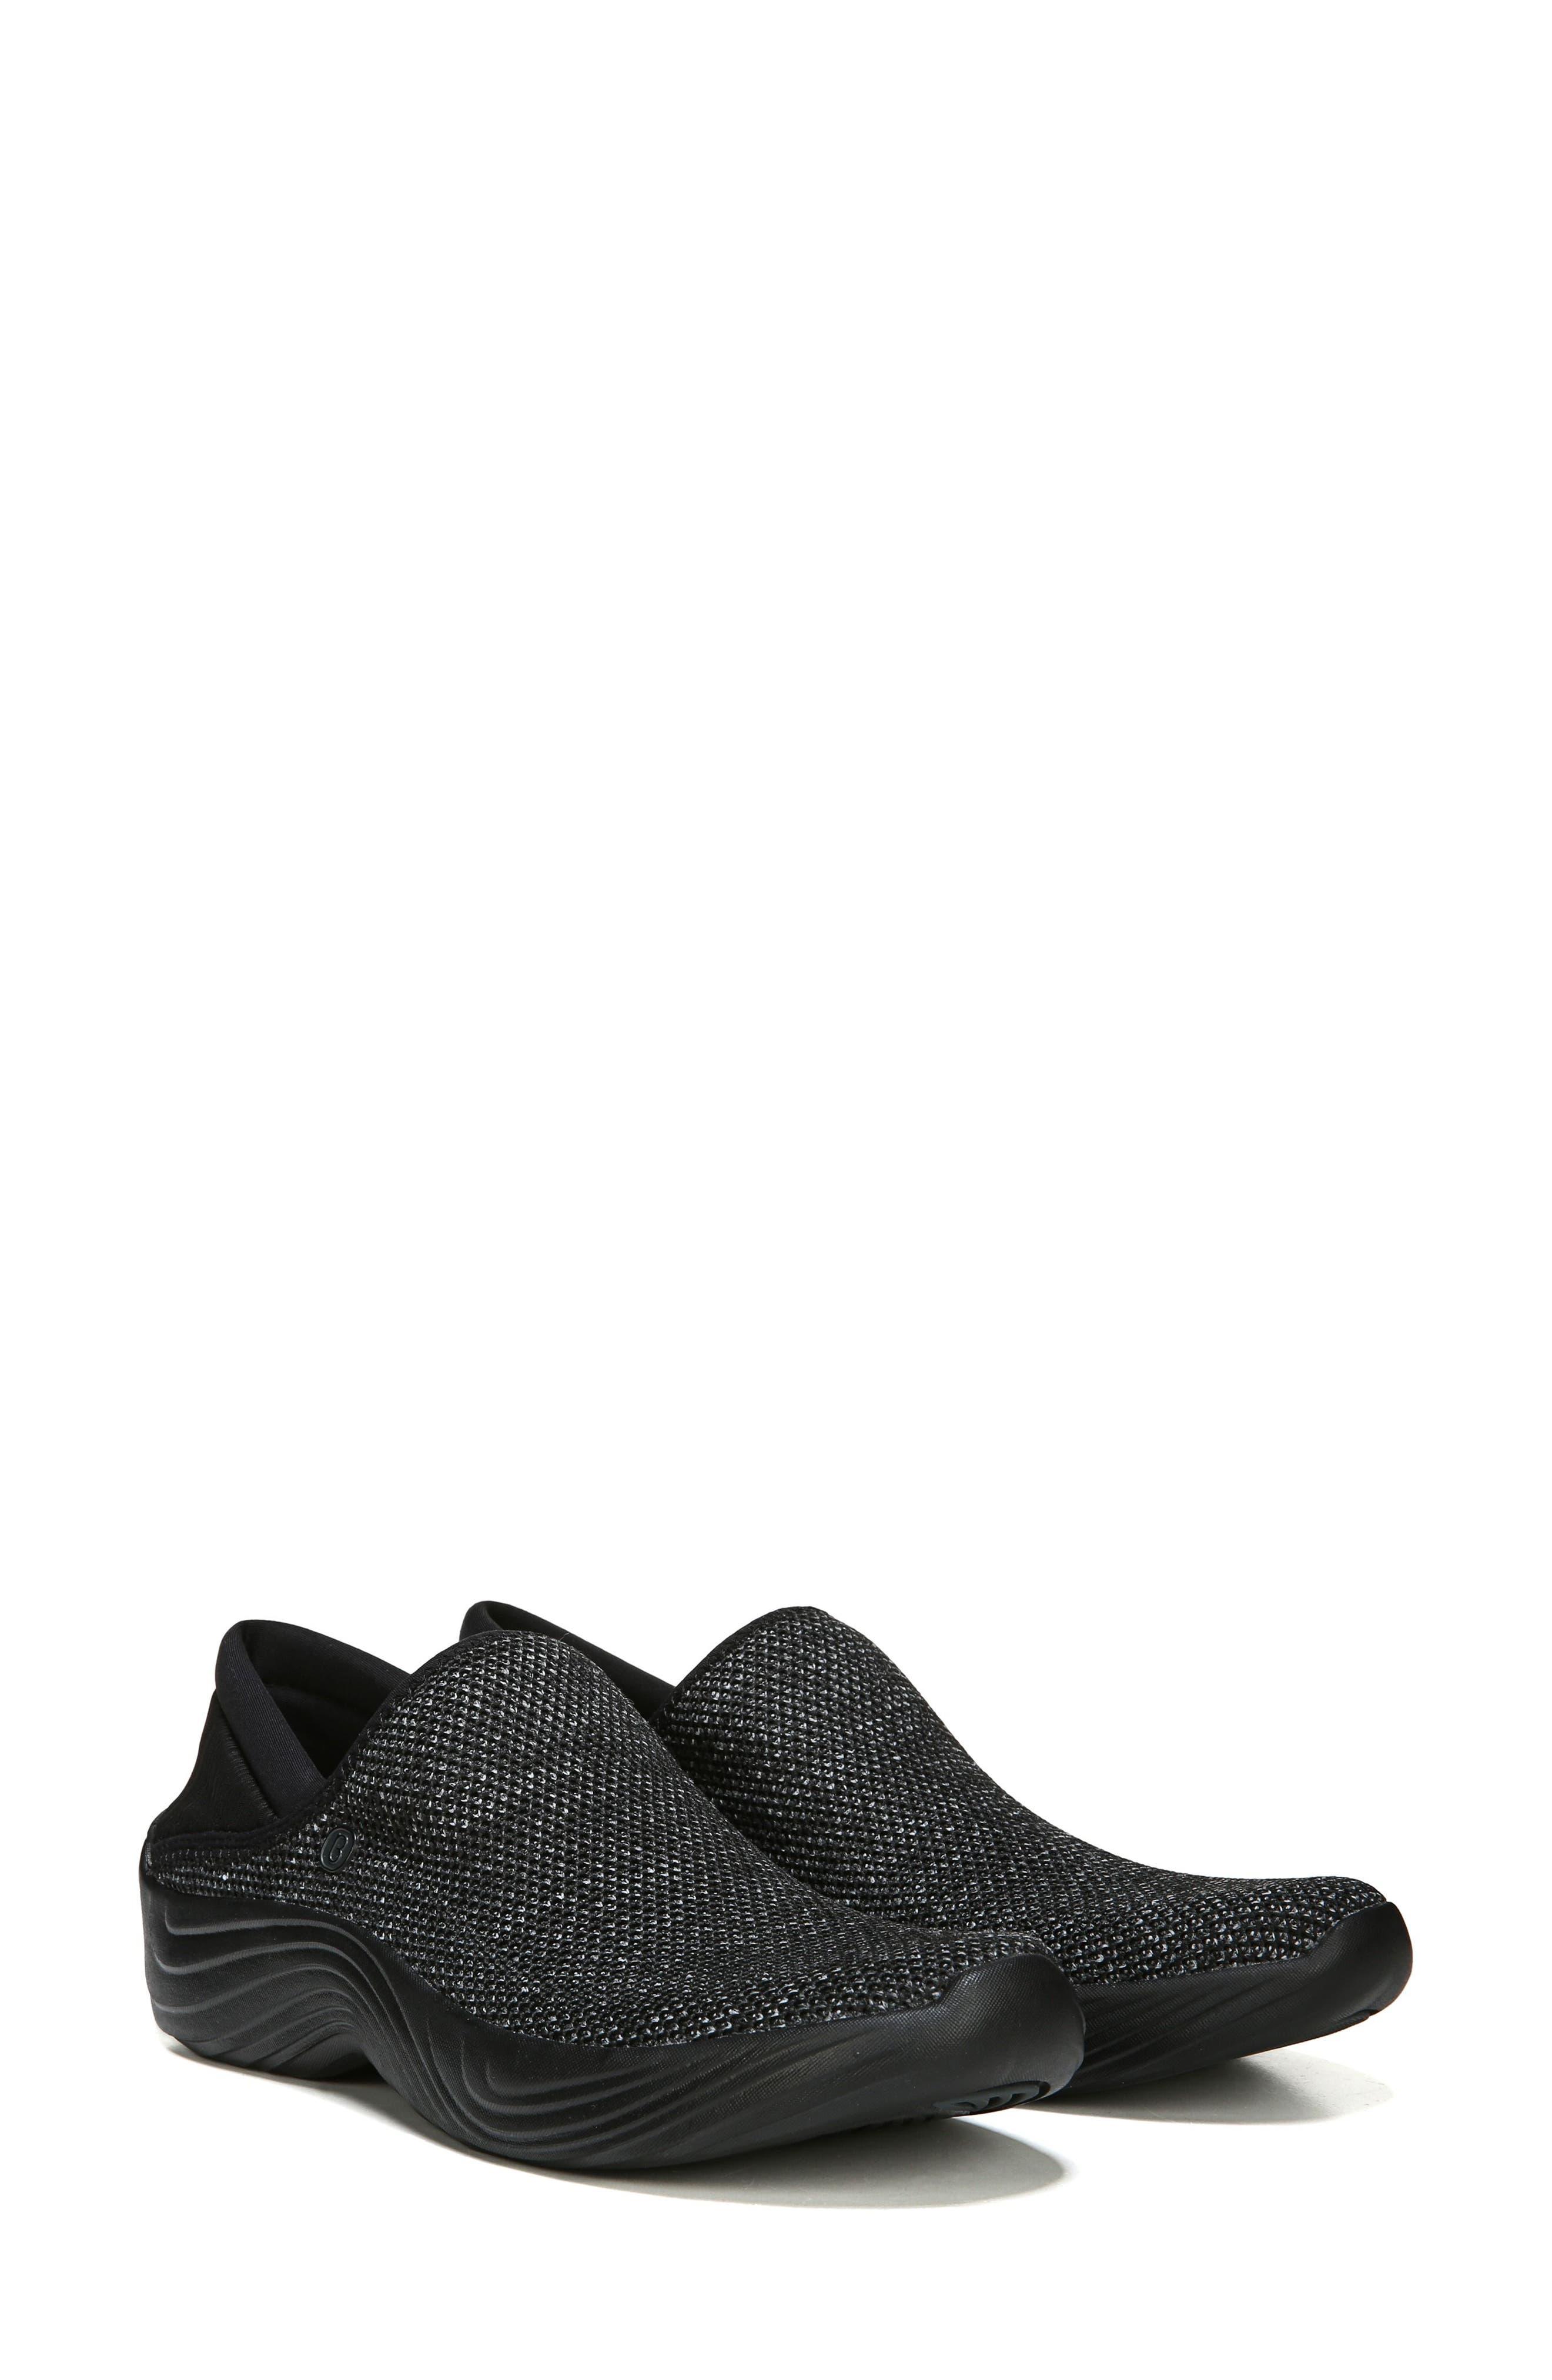 Topaz Slip-On Sneaker,                             Alternate thumbnail 8, color,                             BLACK FABRIC